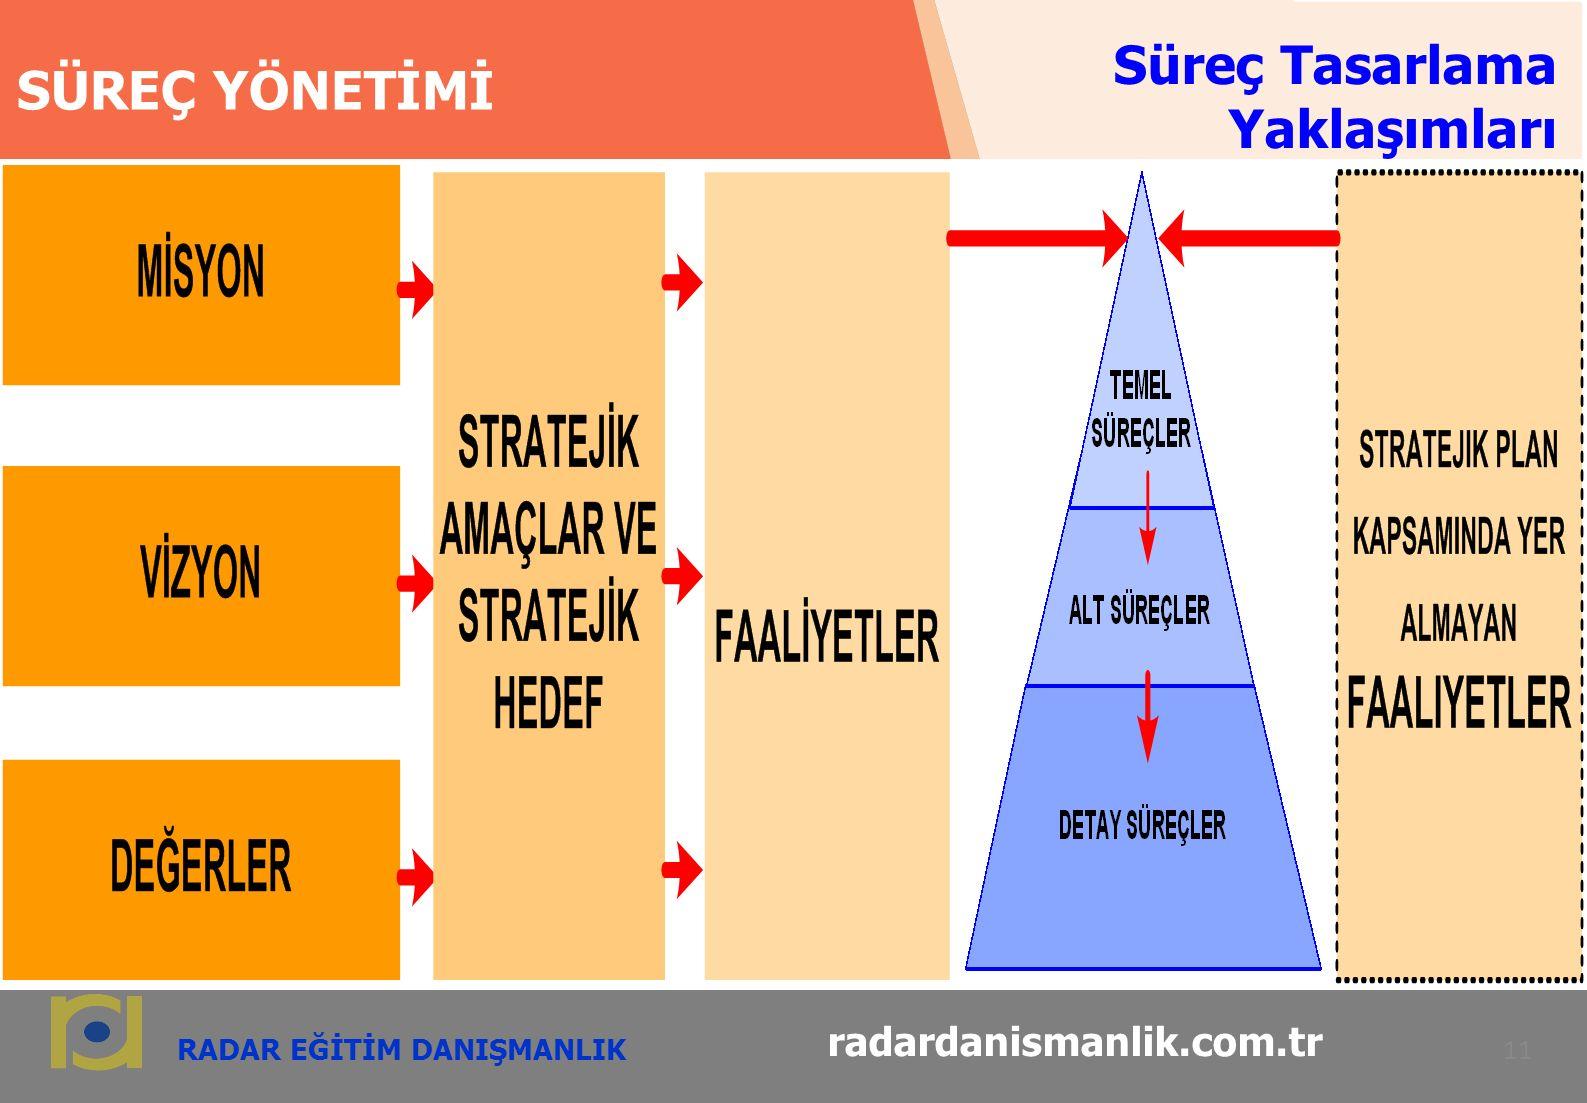 RADAR EĞİTİM DANIŞMANLIK 11 radardanismanlik.com.tr SÜREÇ YÖNETİMİ Süreç Tasarlama Yaklaşımları